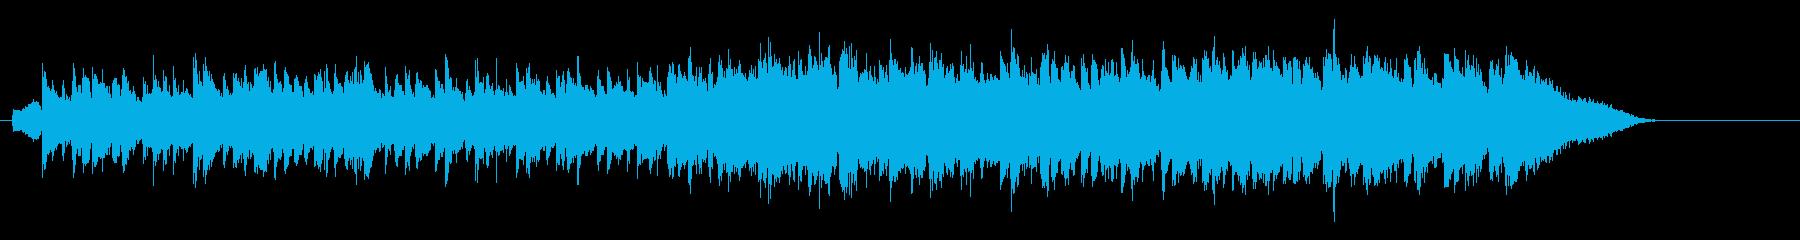 ハートをくすぐるウォームサウンドの再生済みの波形